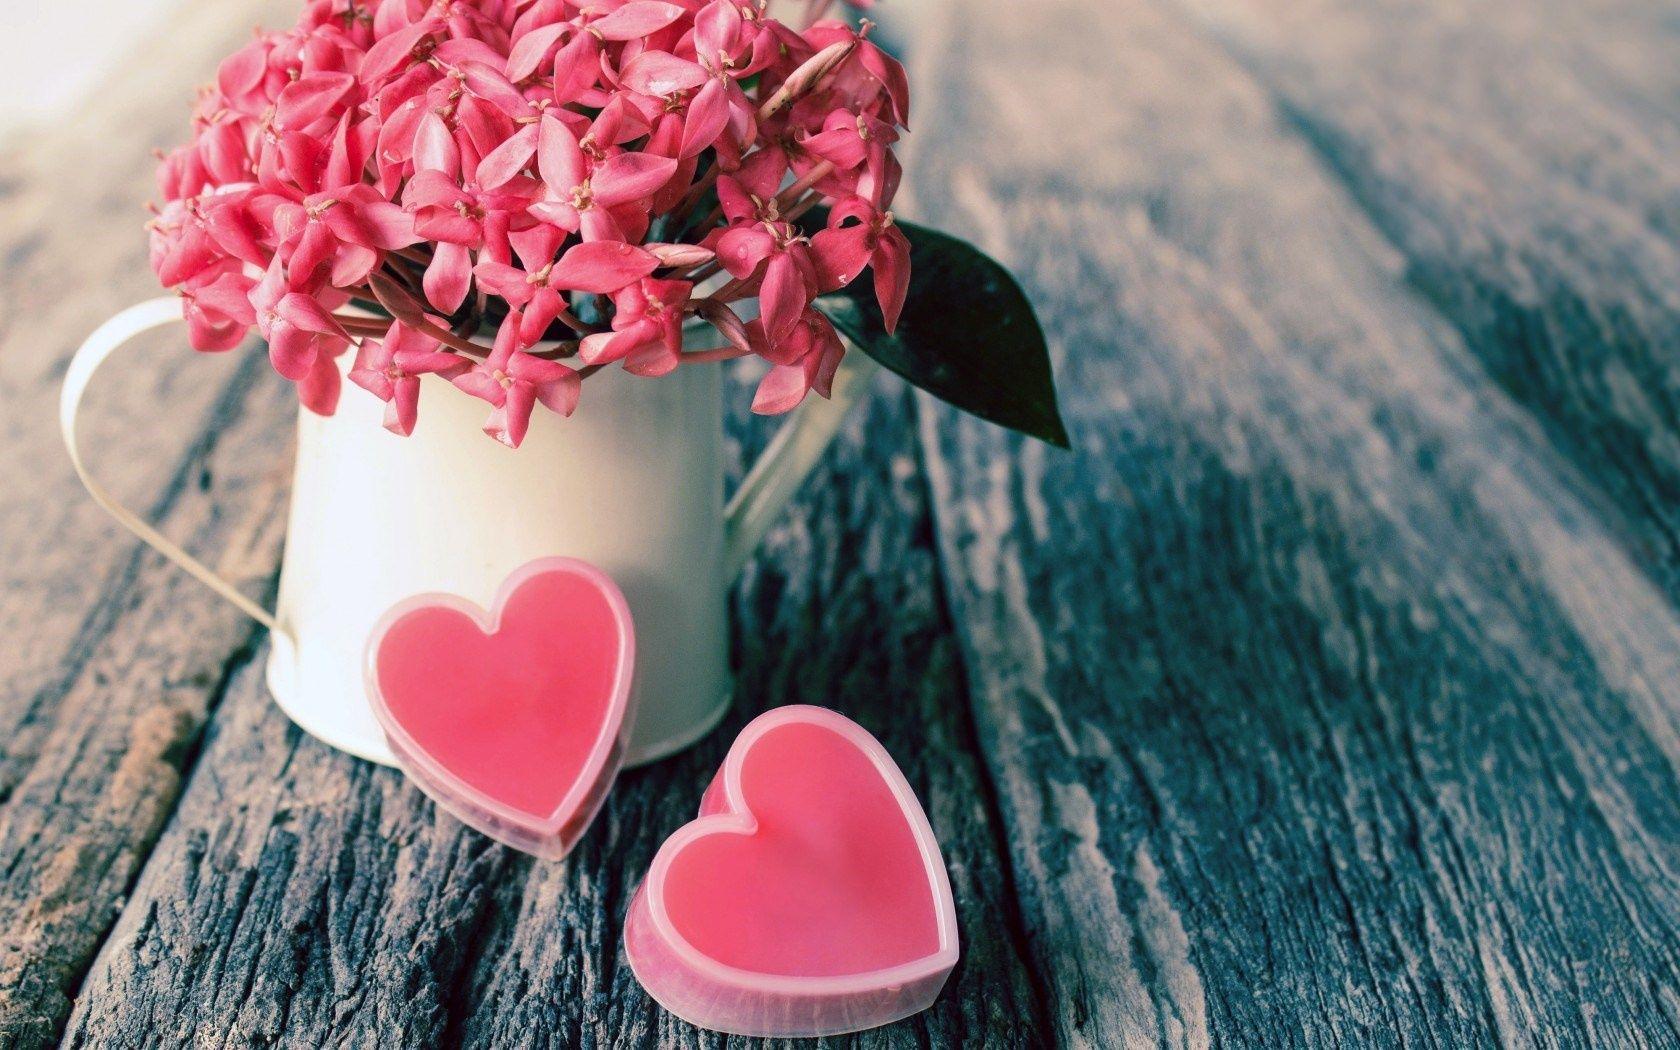 Find out: Lovely Flower Vase wallpaper on  http://hdpicorner.com/lovely-flower-vase/